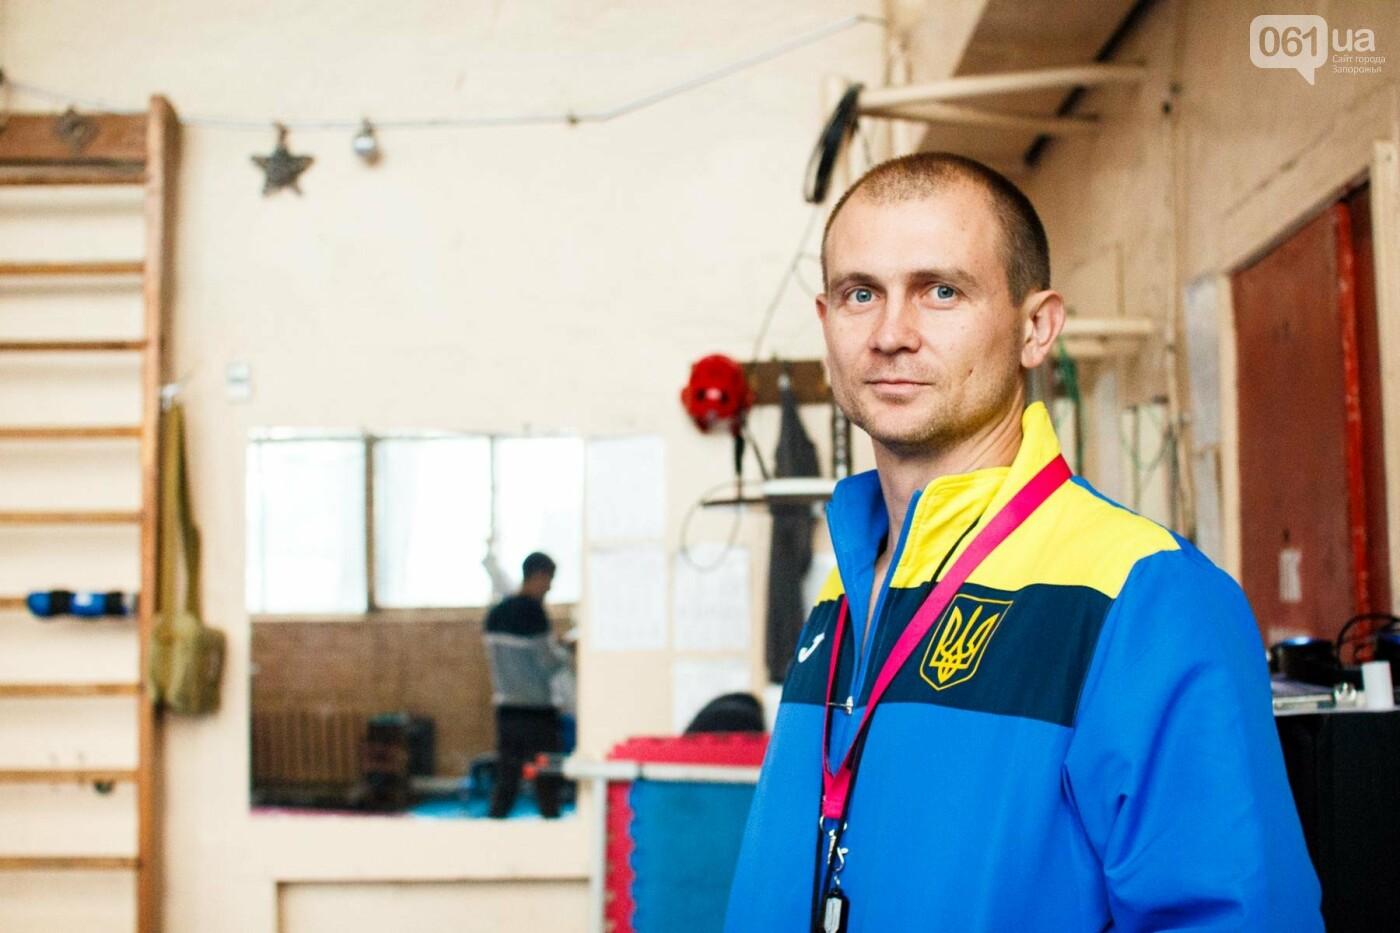 В Запорожье пятикратная чемпионка мира живет у подруги и не может собрать деньги на операцию: история Виктории Марчук, фото-3